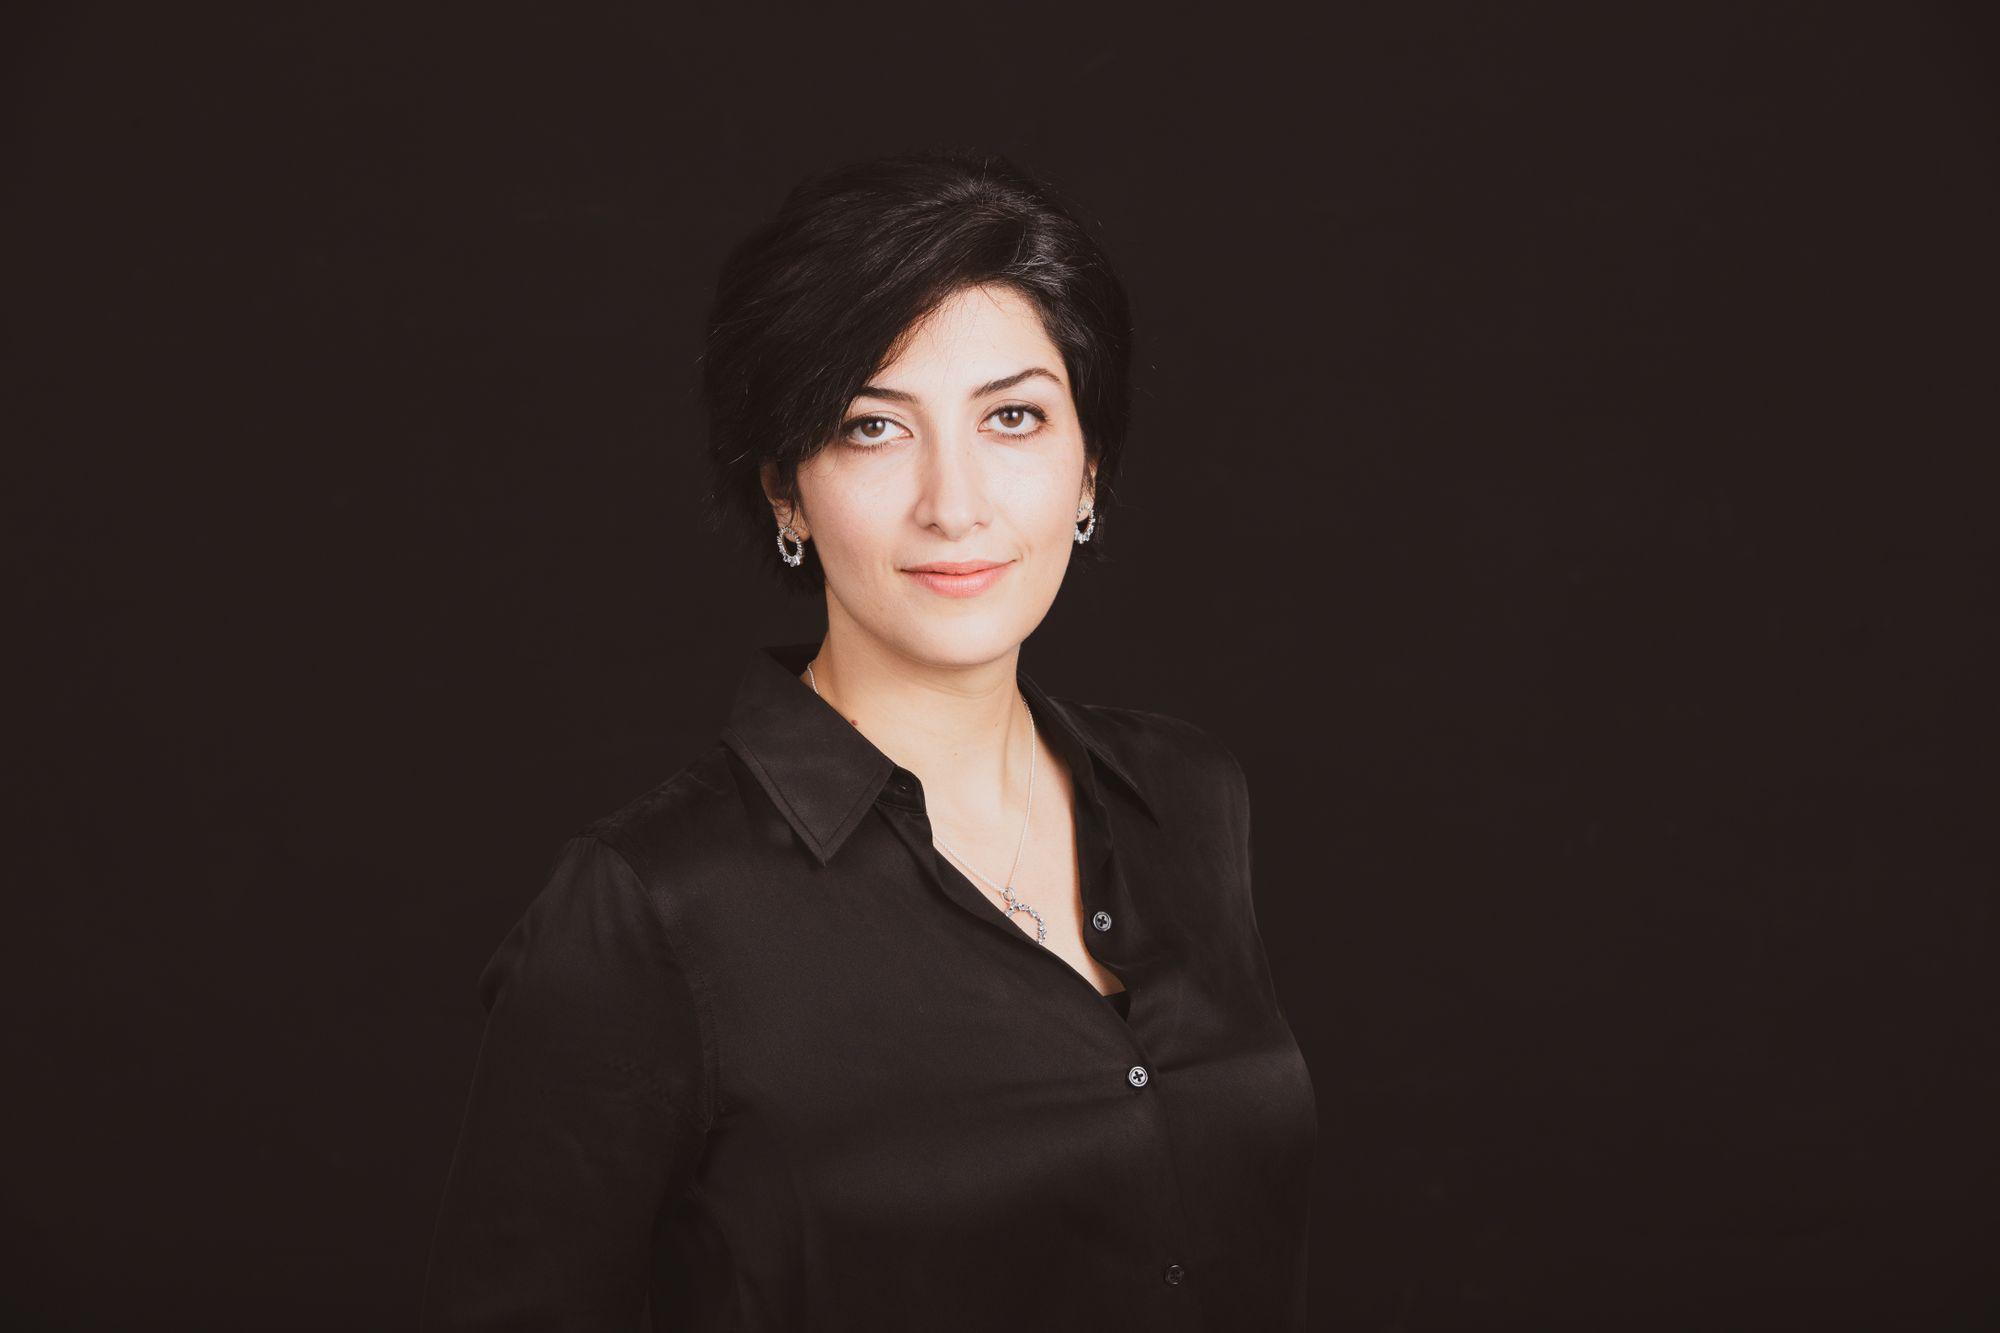 Nelly Sattari